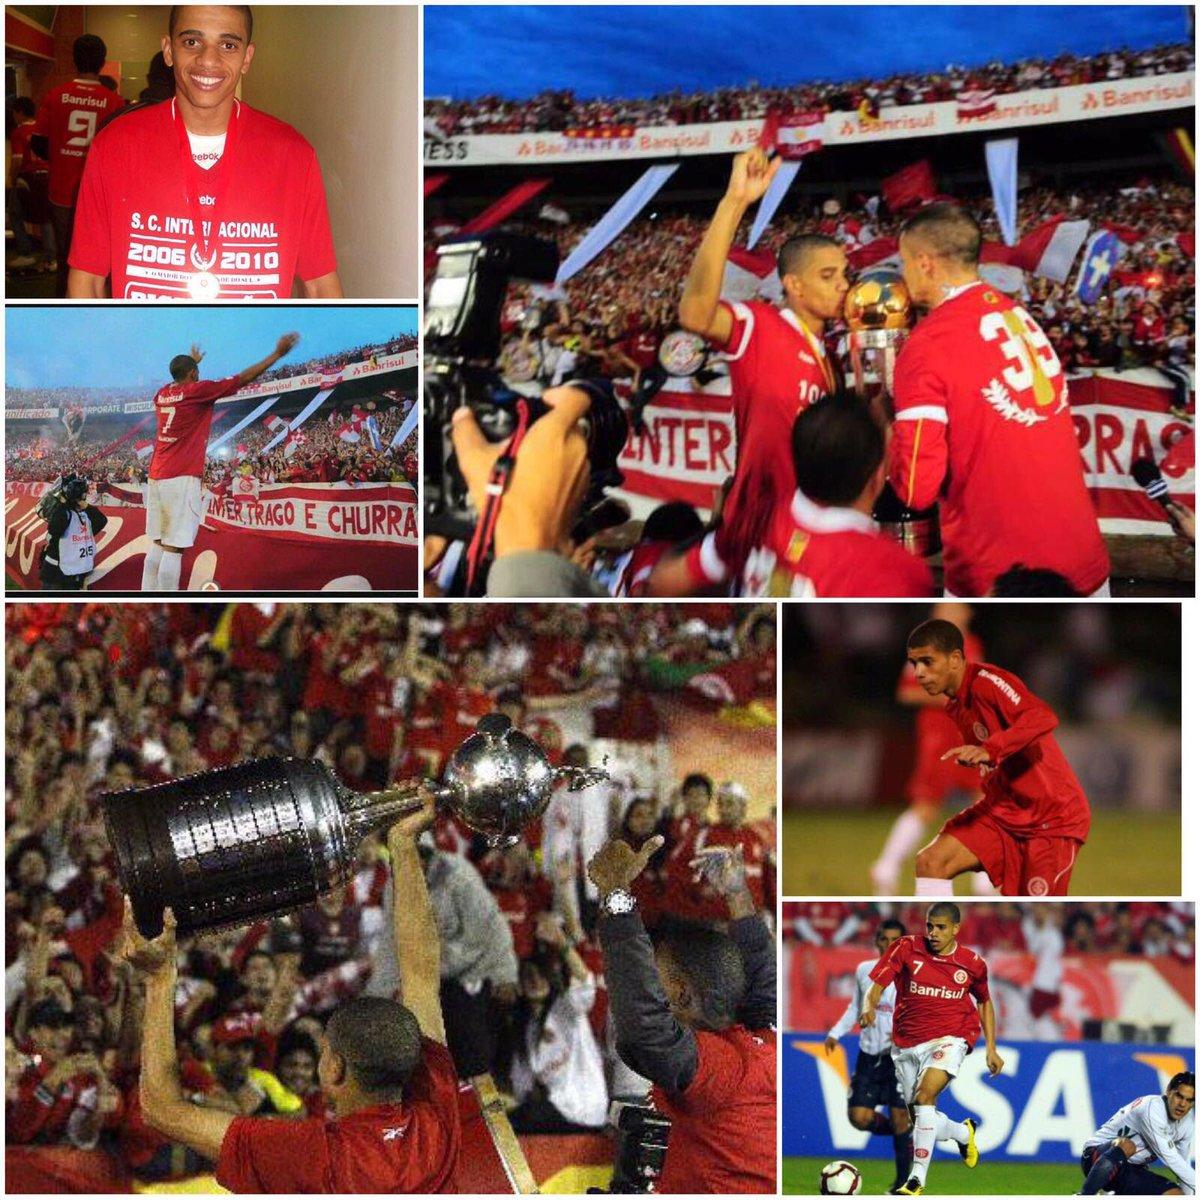 Hoje o Sport Clube Internacional, de Porto Alegre, o Maior do Rio Grande do Sul, completa 107 anos ! https://t.co/2UTRsQvqwb